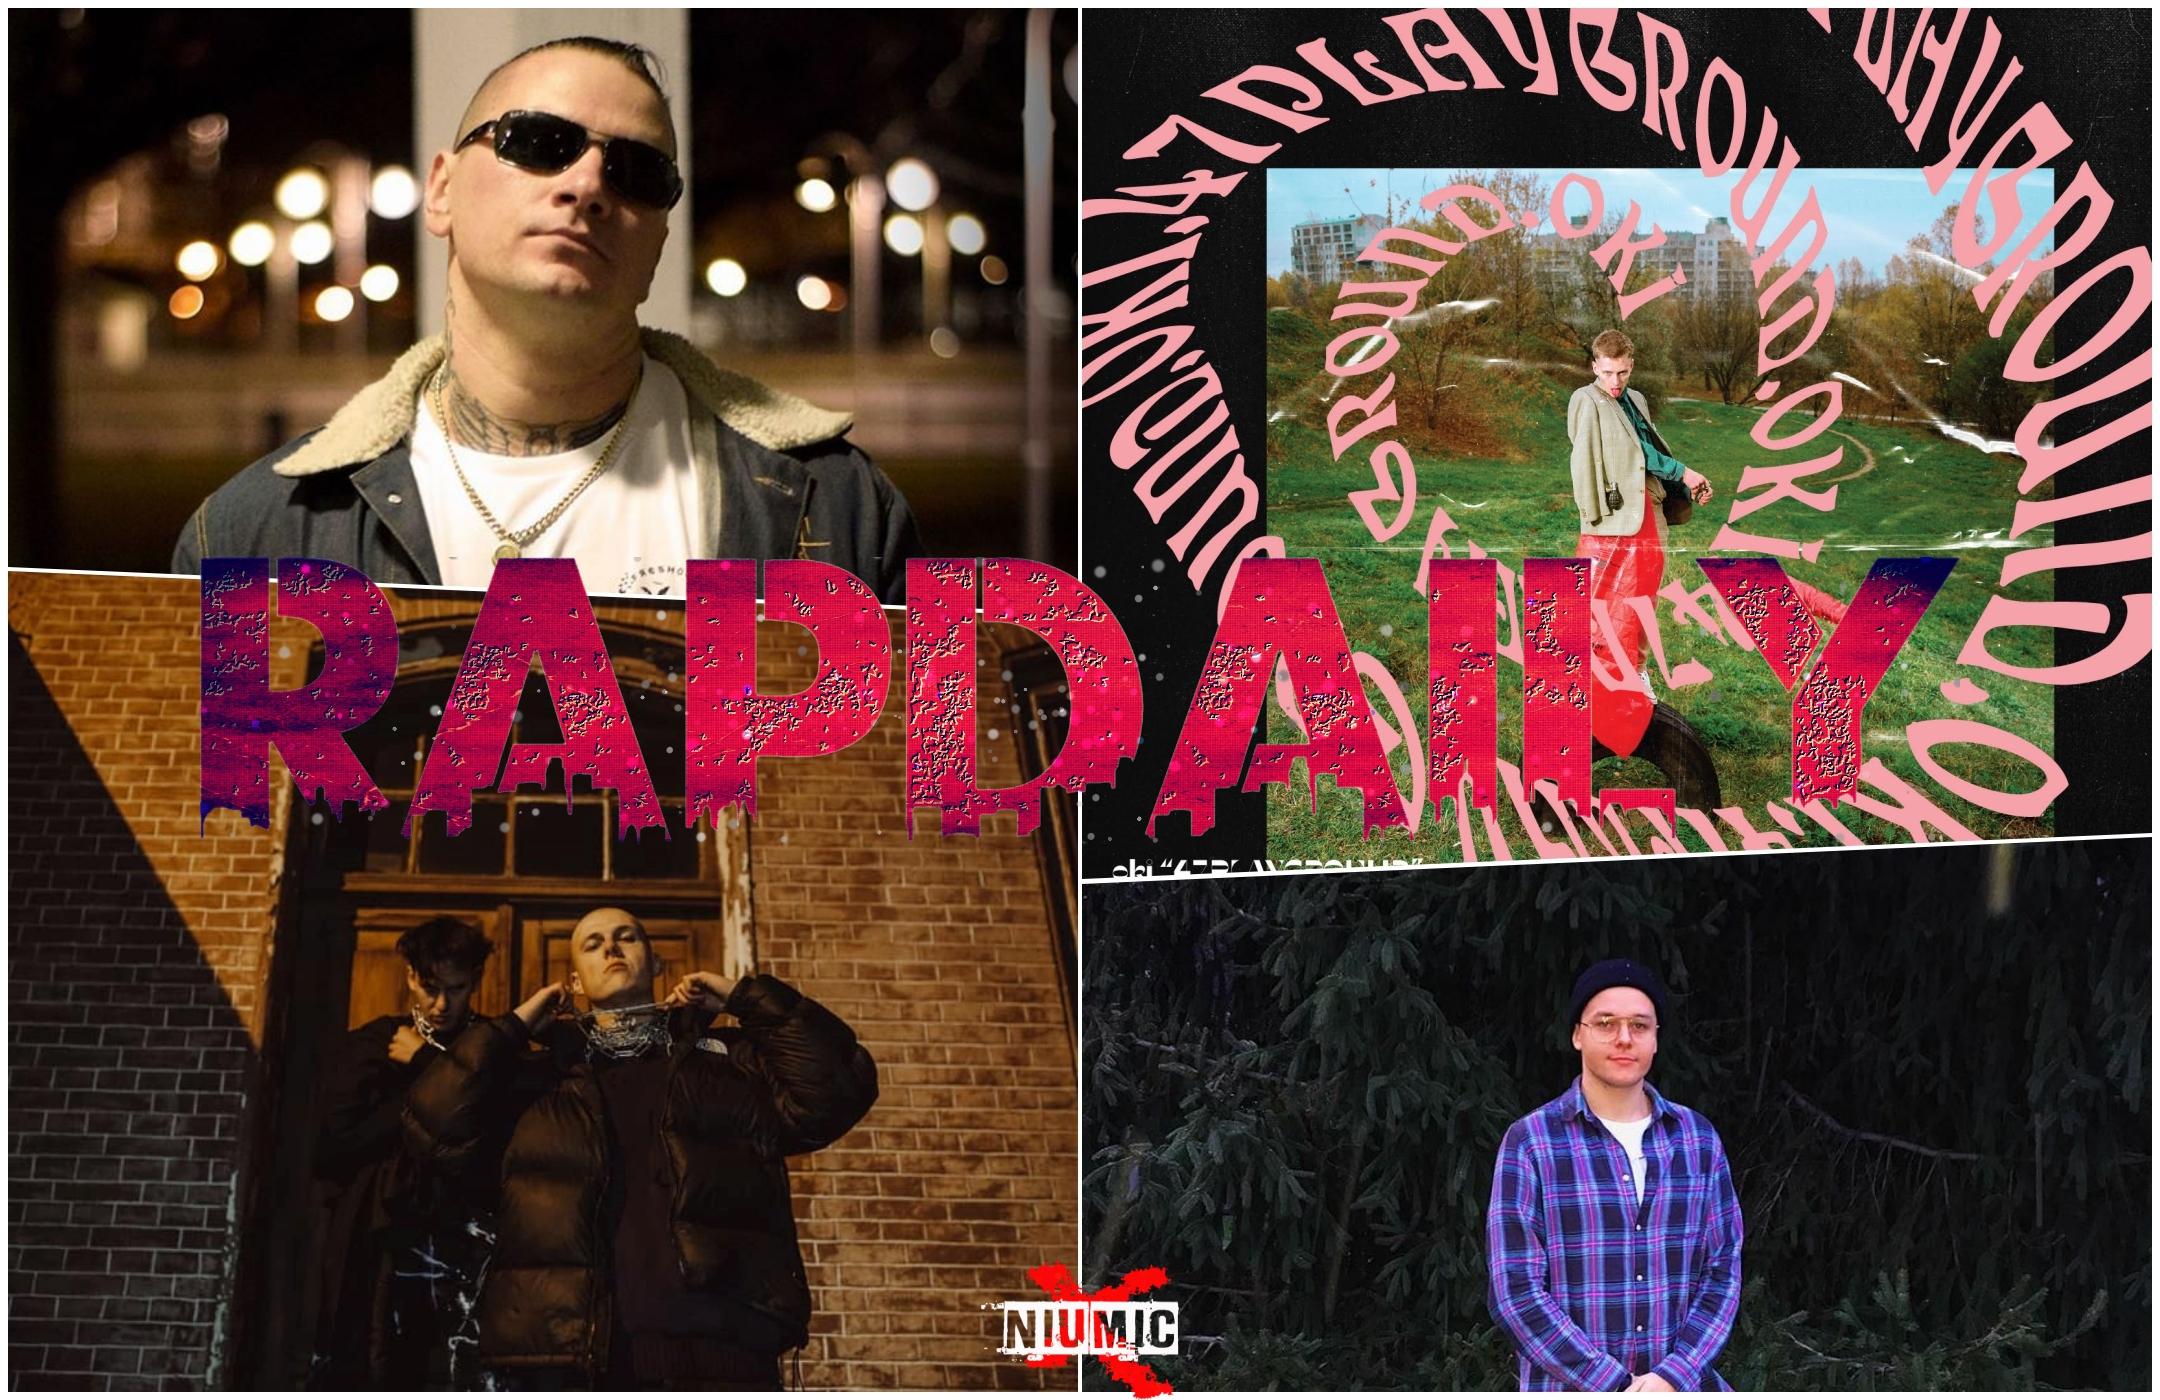 OKI wydał krążek | Szpaku z nowym numerem || #RapDaily